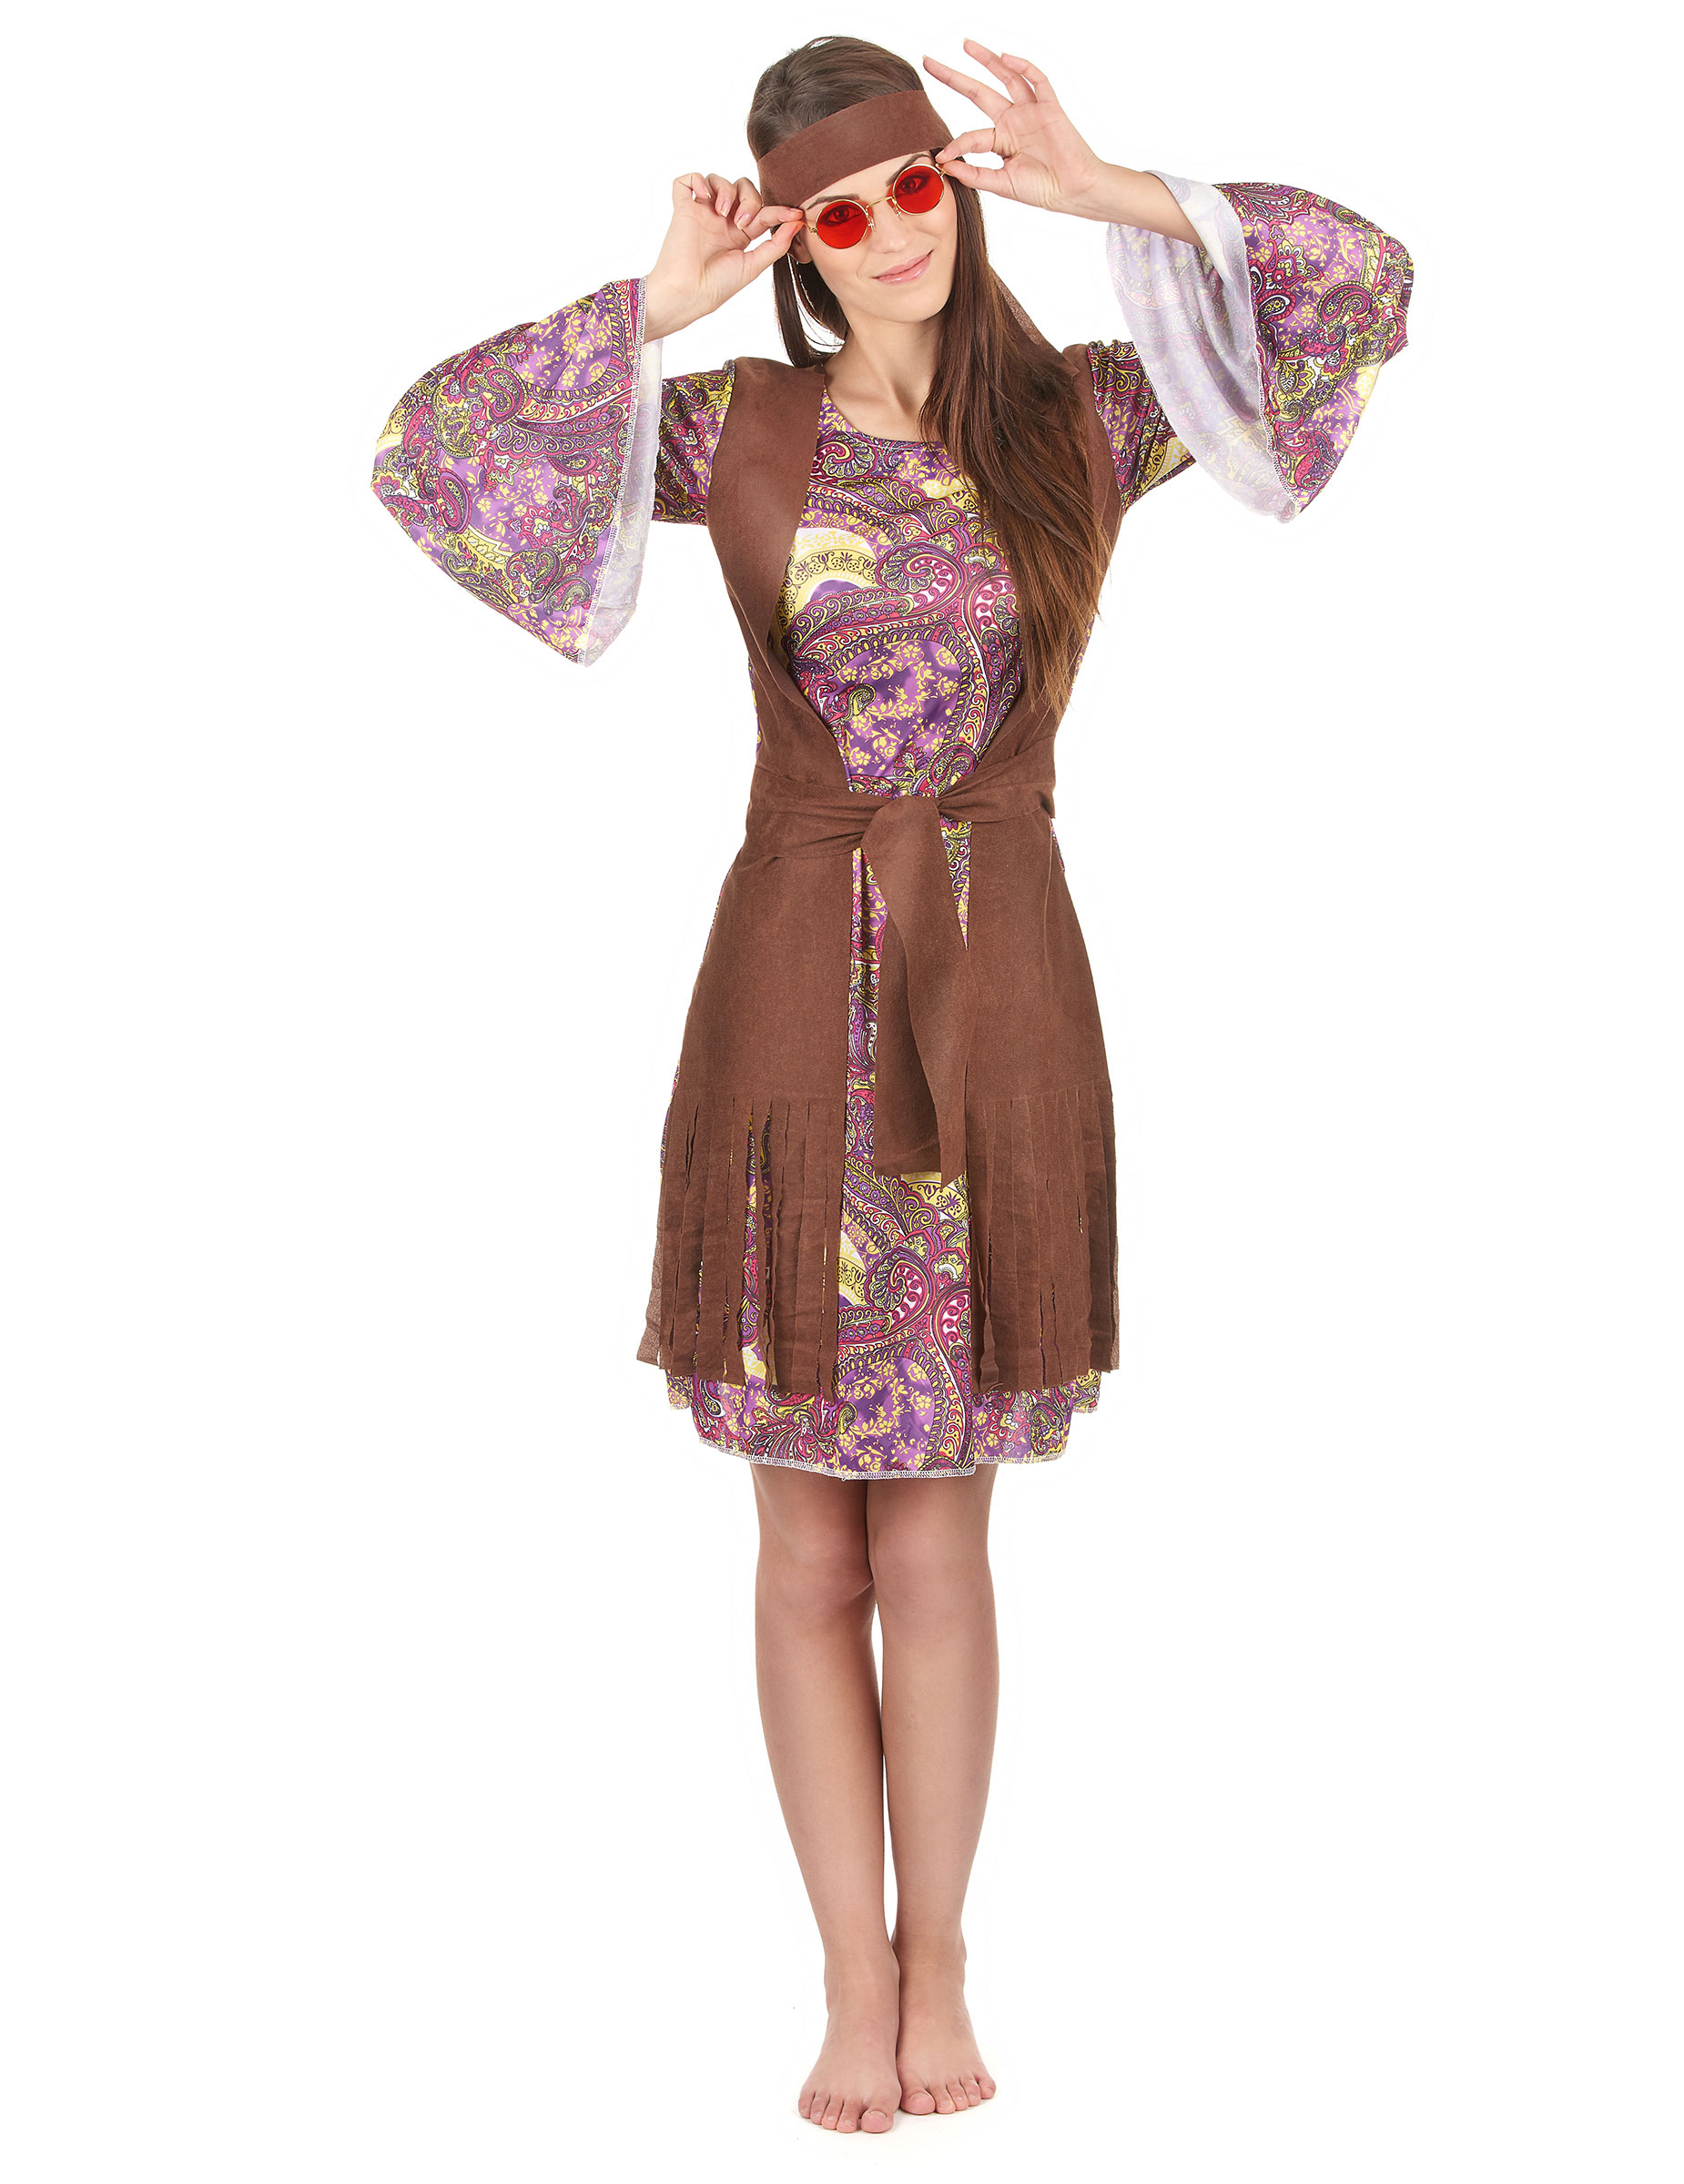 5d5d23ff66cc Costume Figlia dei Fiori da donna hippie su VegaooParty